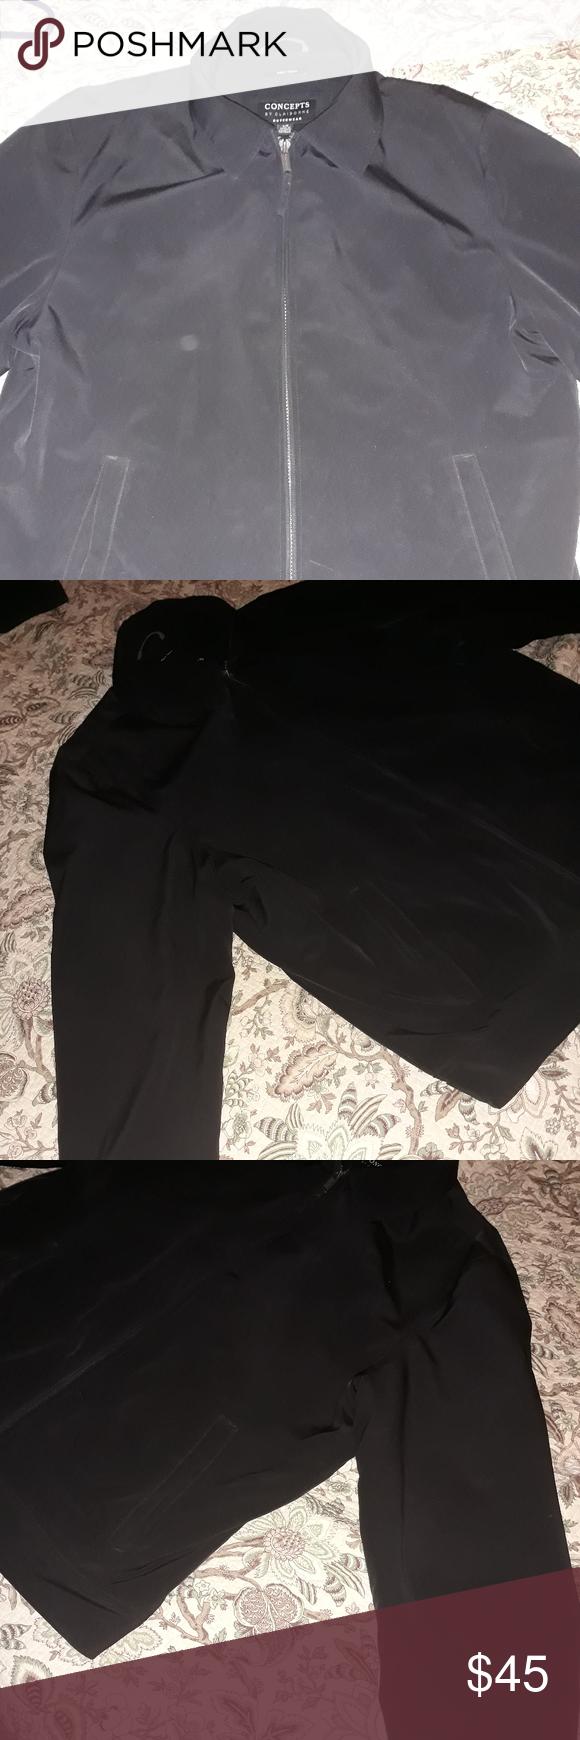 Concepts By Claiborne Outerwear Black Jacket Concepts By Claiborne Outerwear Black Jacket Size Large Claiborne Jackets Black Jacket Claiborne Clothes Design [ 1740 x 580 Pixel ]